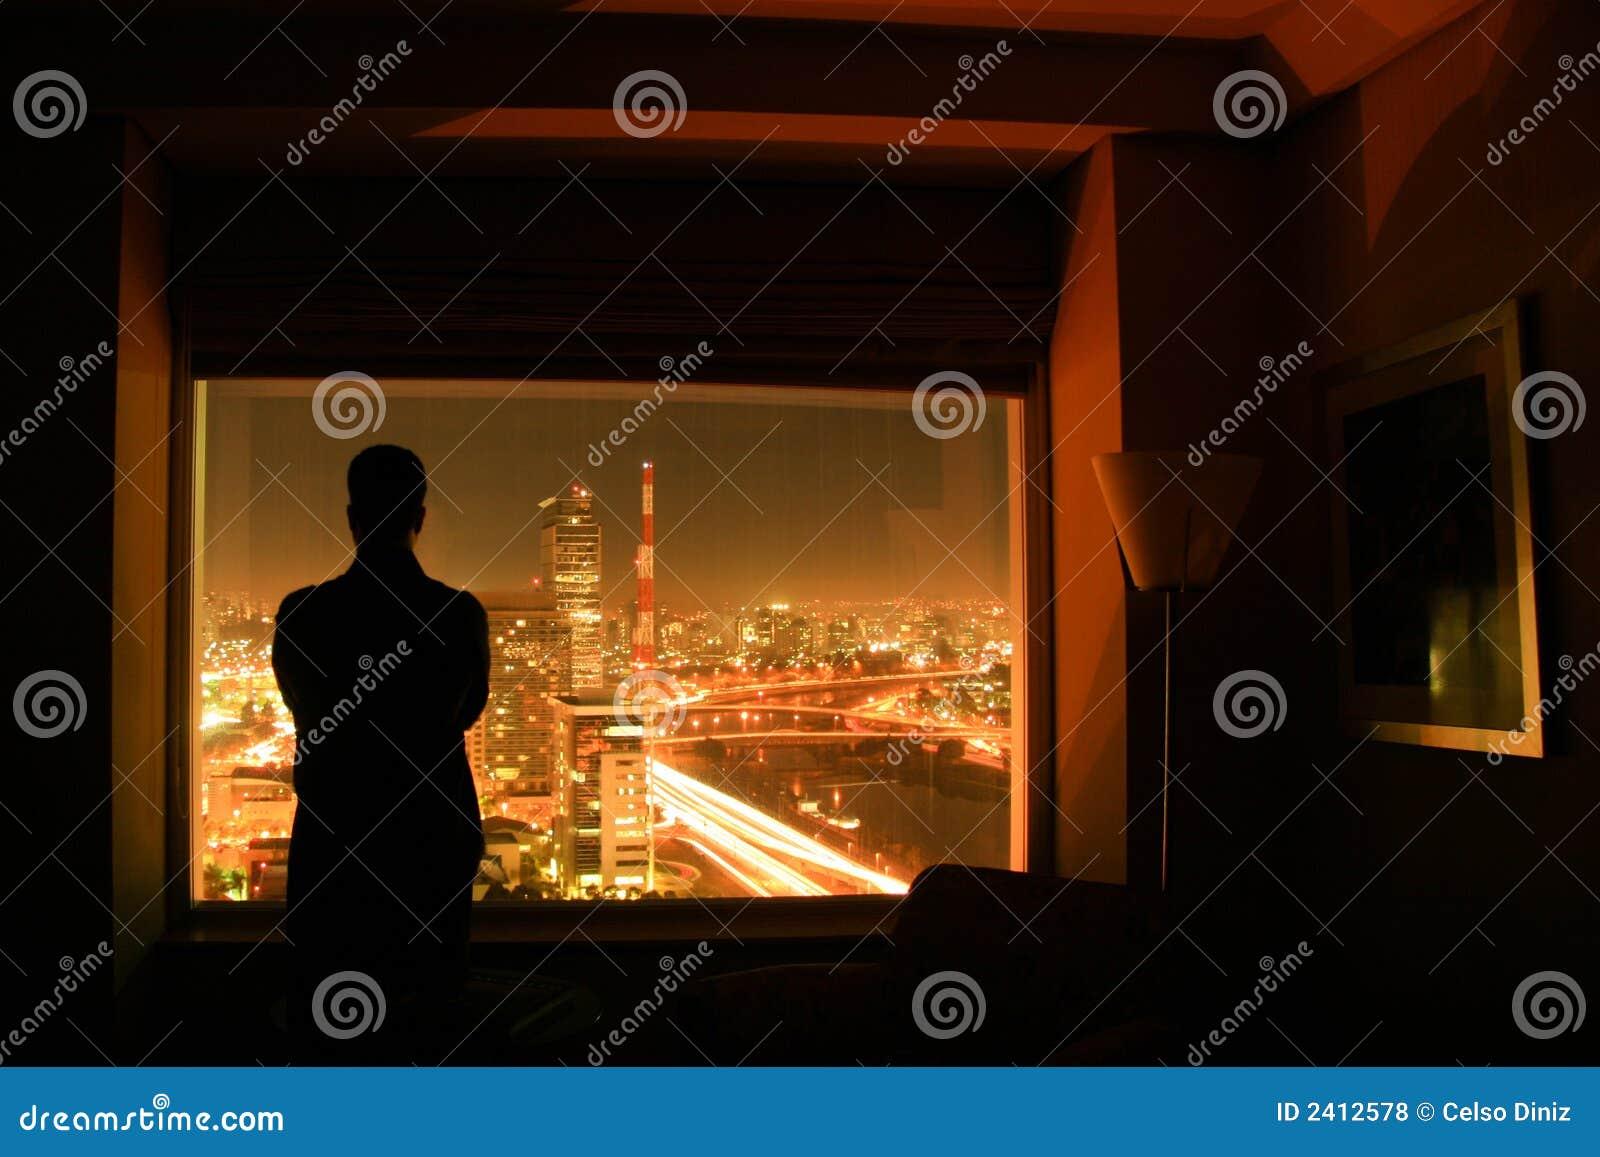 Silhouette de l 39 homme devant la fen tre photos libres de for Devant la fenetre